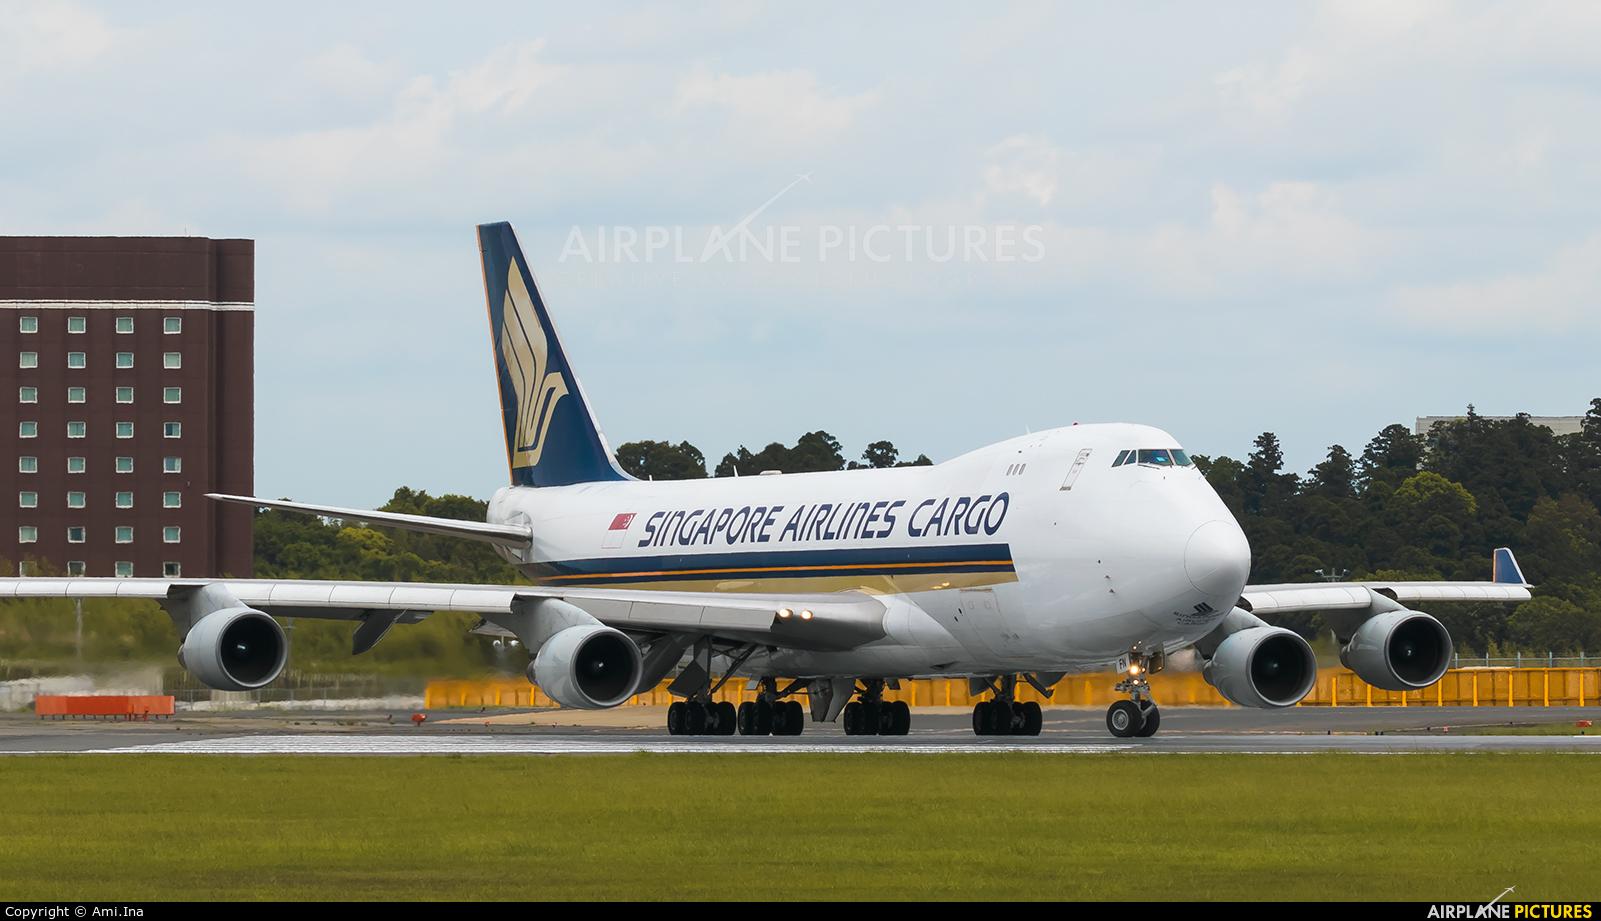 Singapore Airlines Cargo 9V-SFN aircraft at Tokyo - Narita Intl